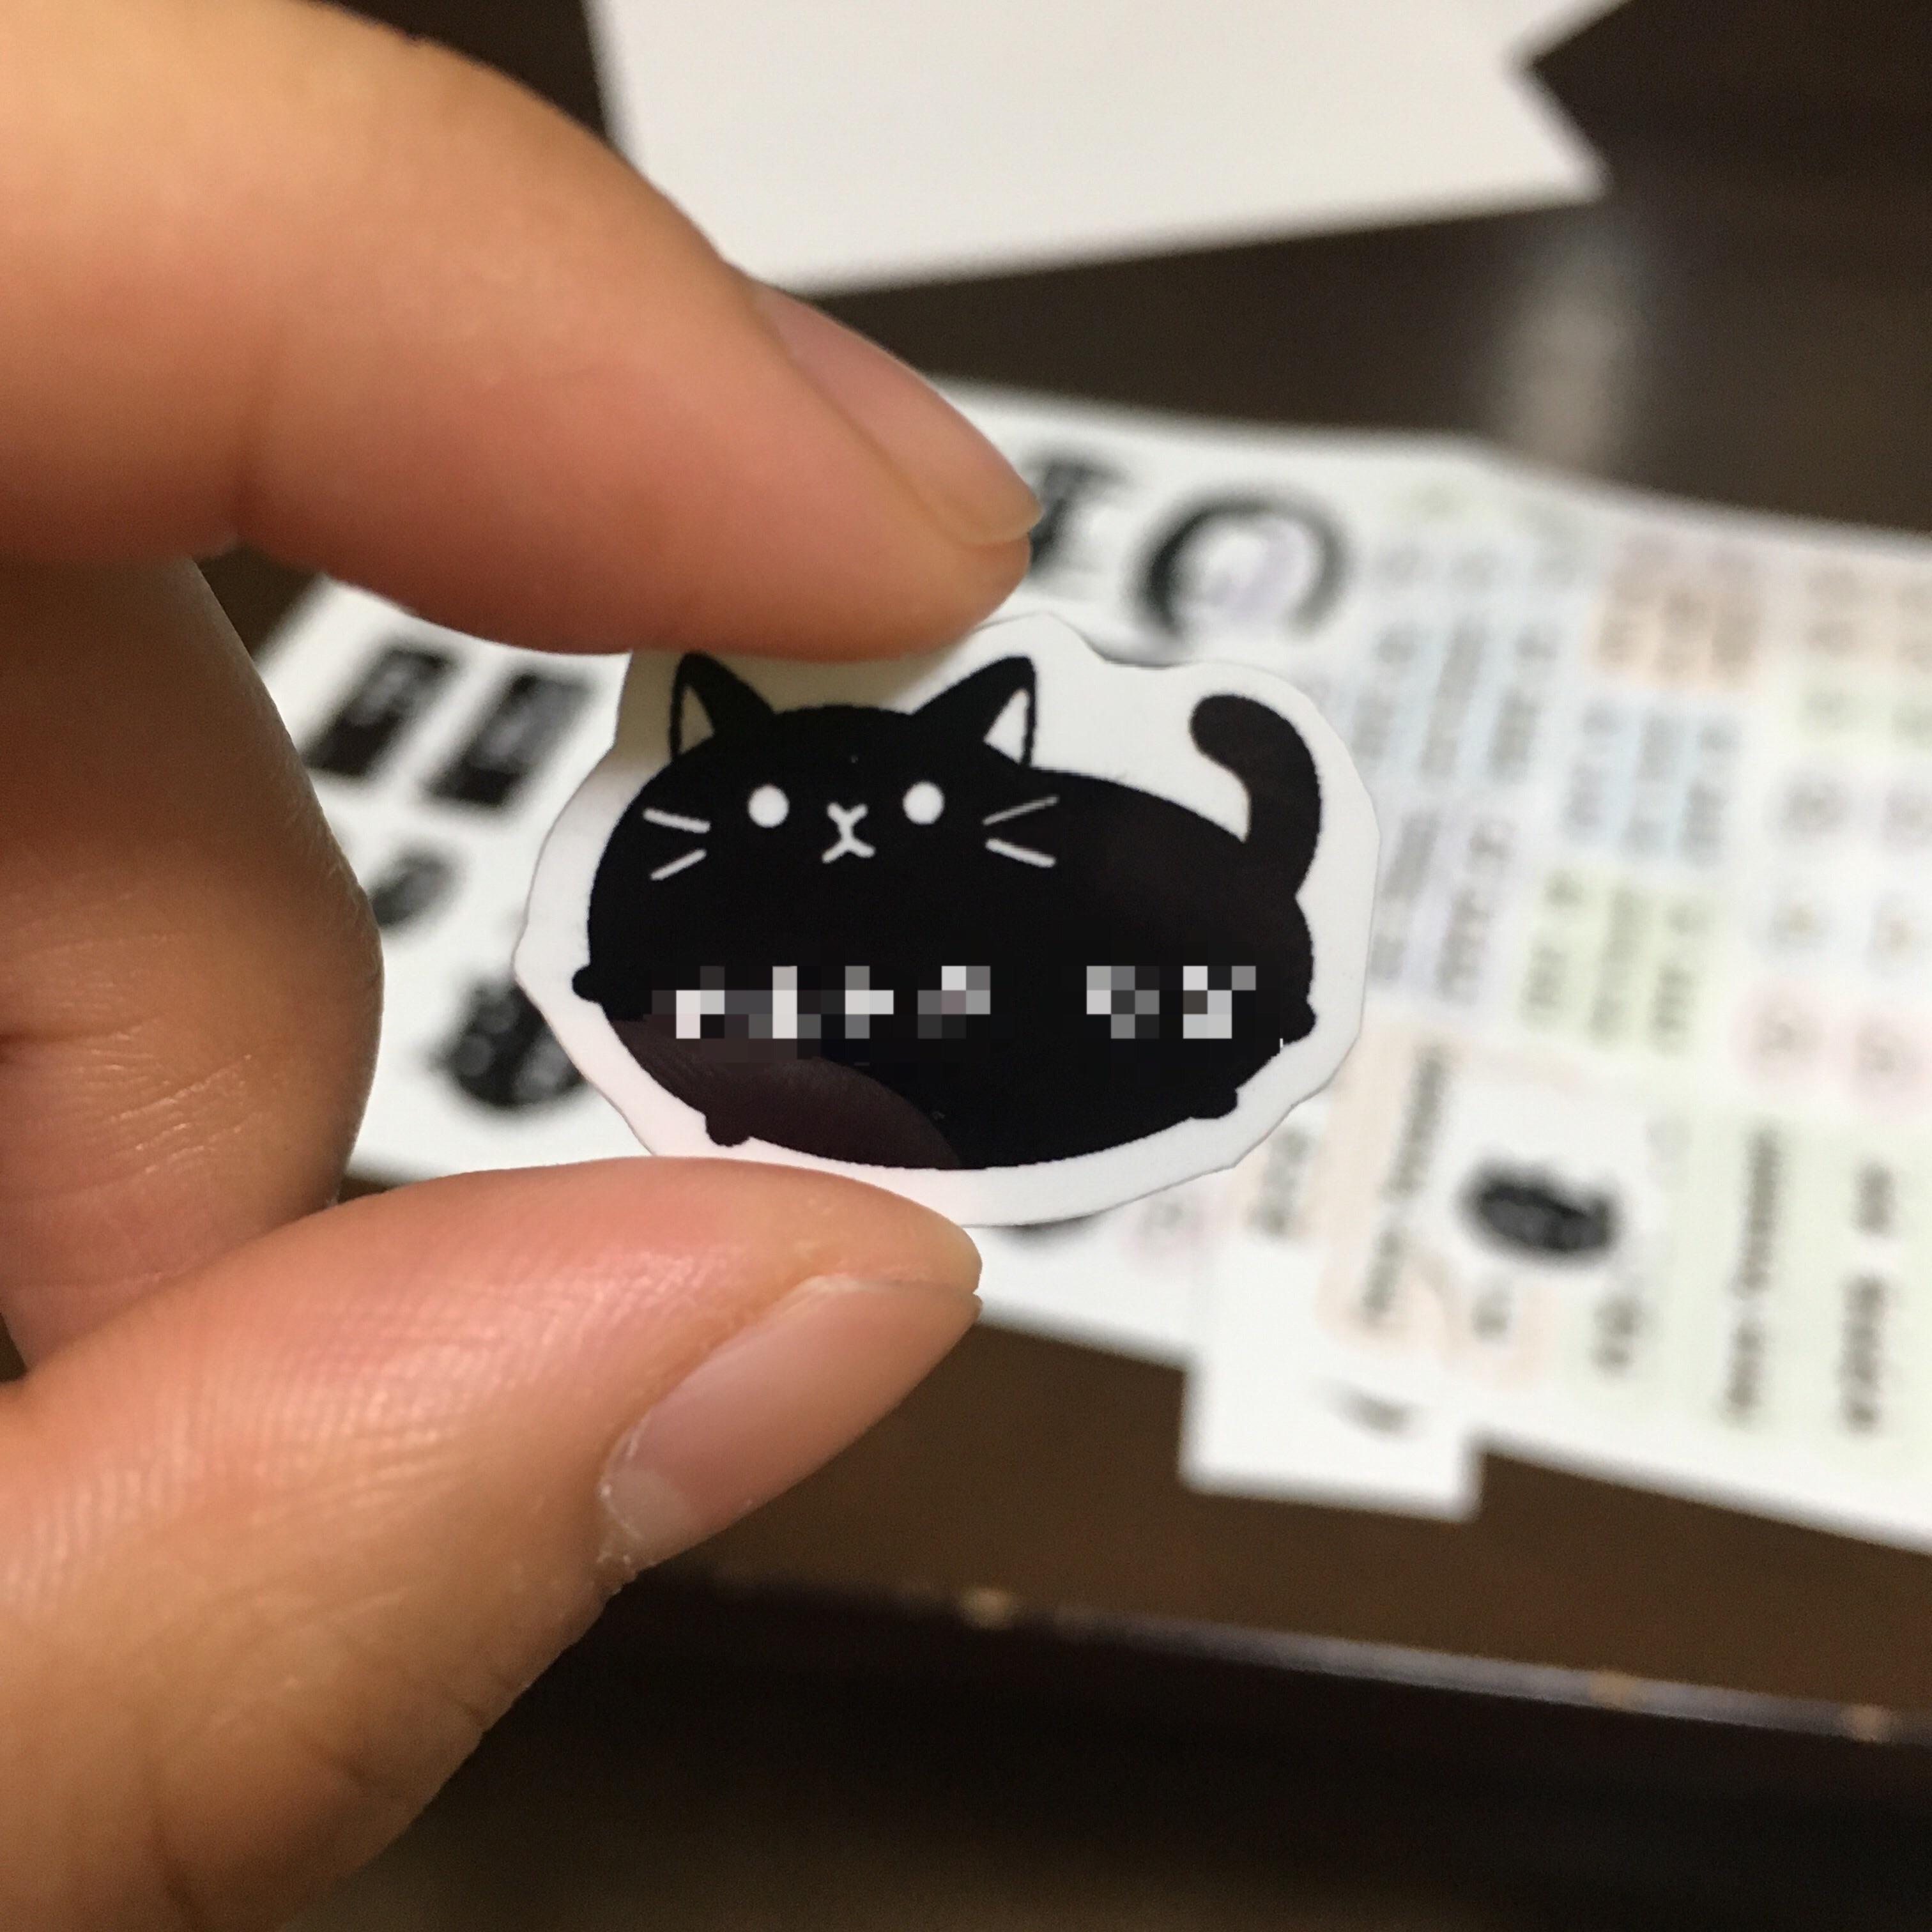 f:id:miyamasaki:20170512022934j:image